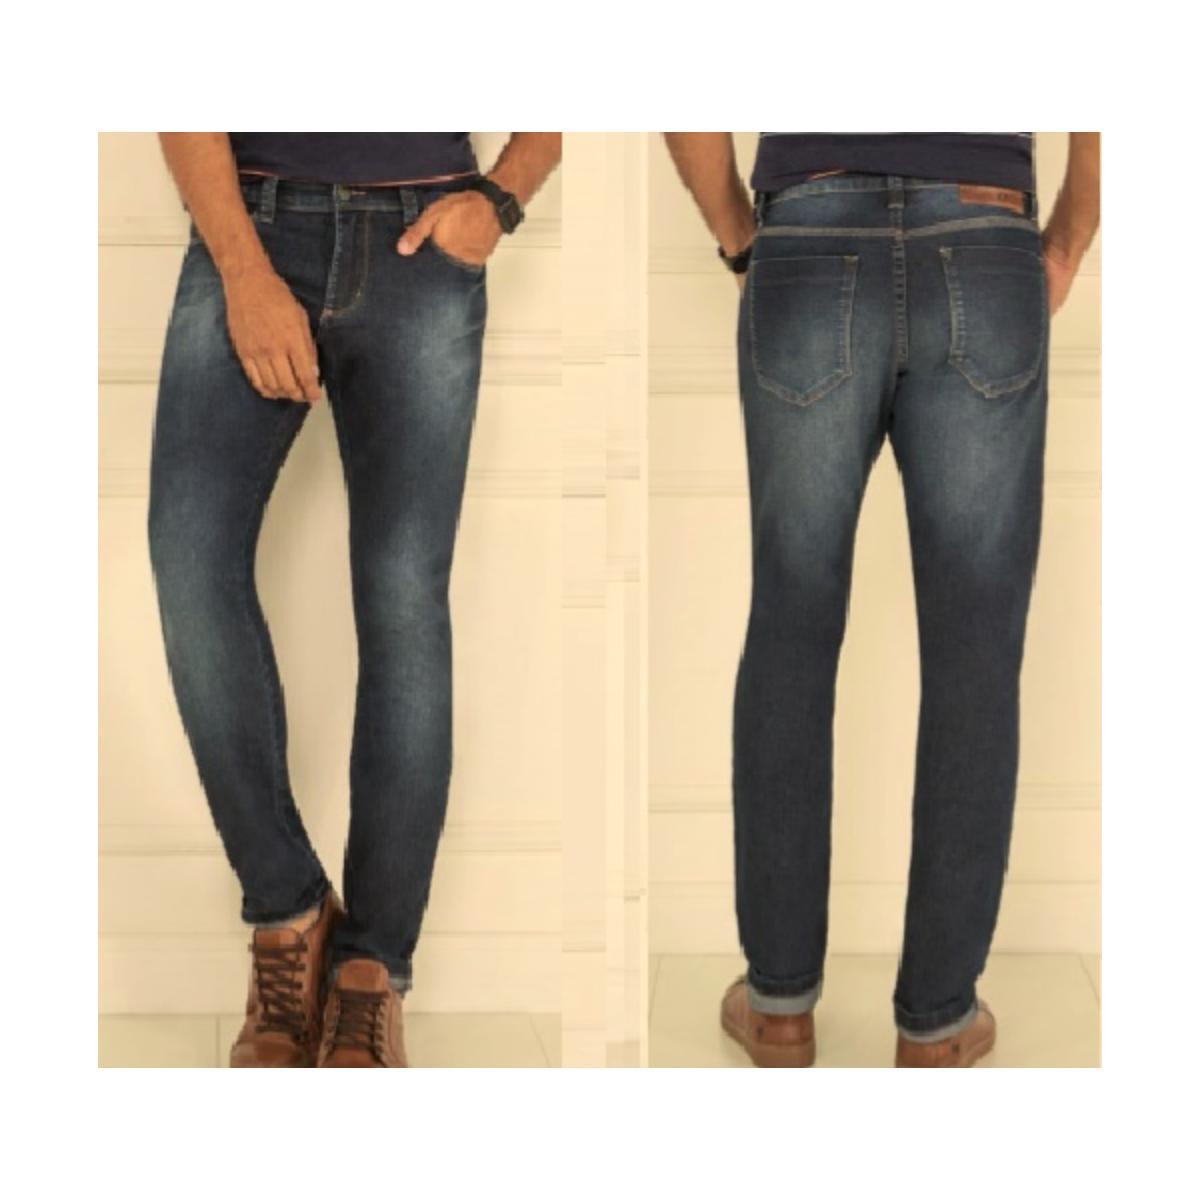 Calça Masculina Kacolako 34806 Jeans Escuro